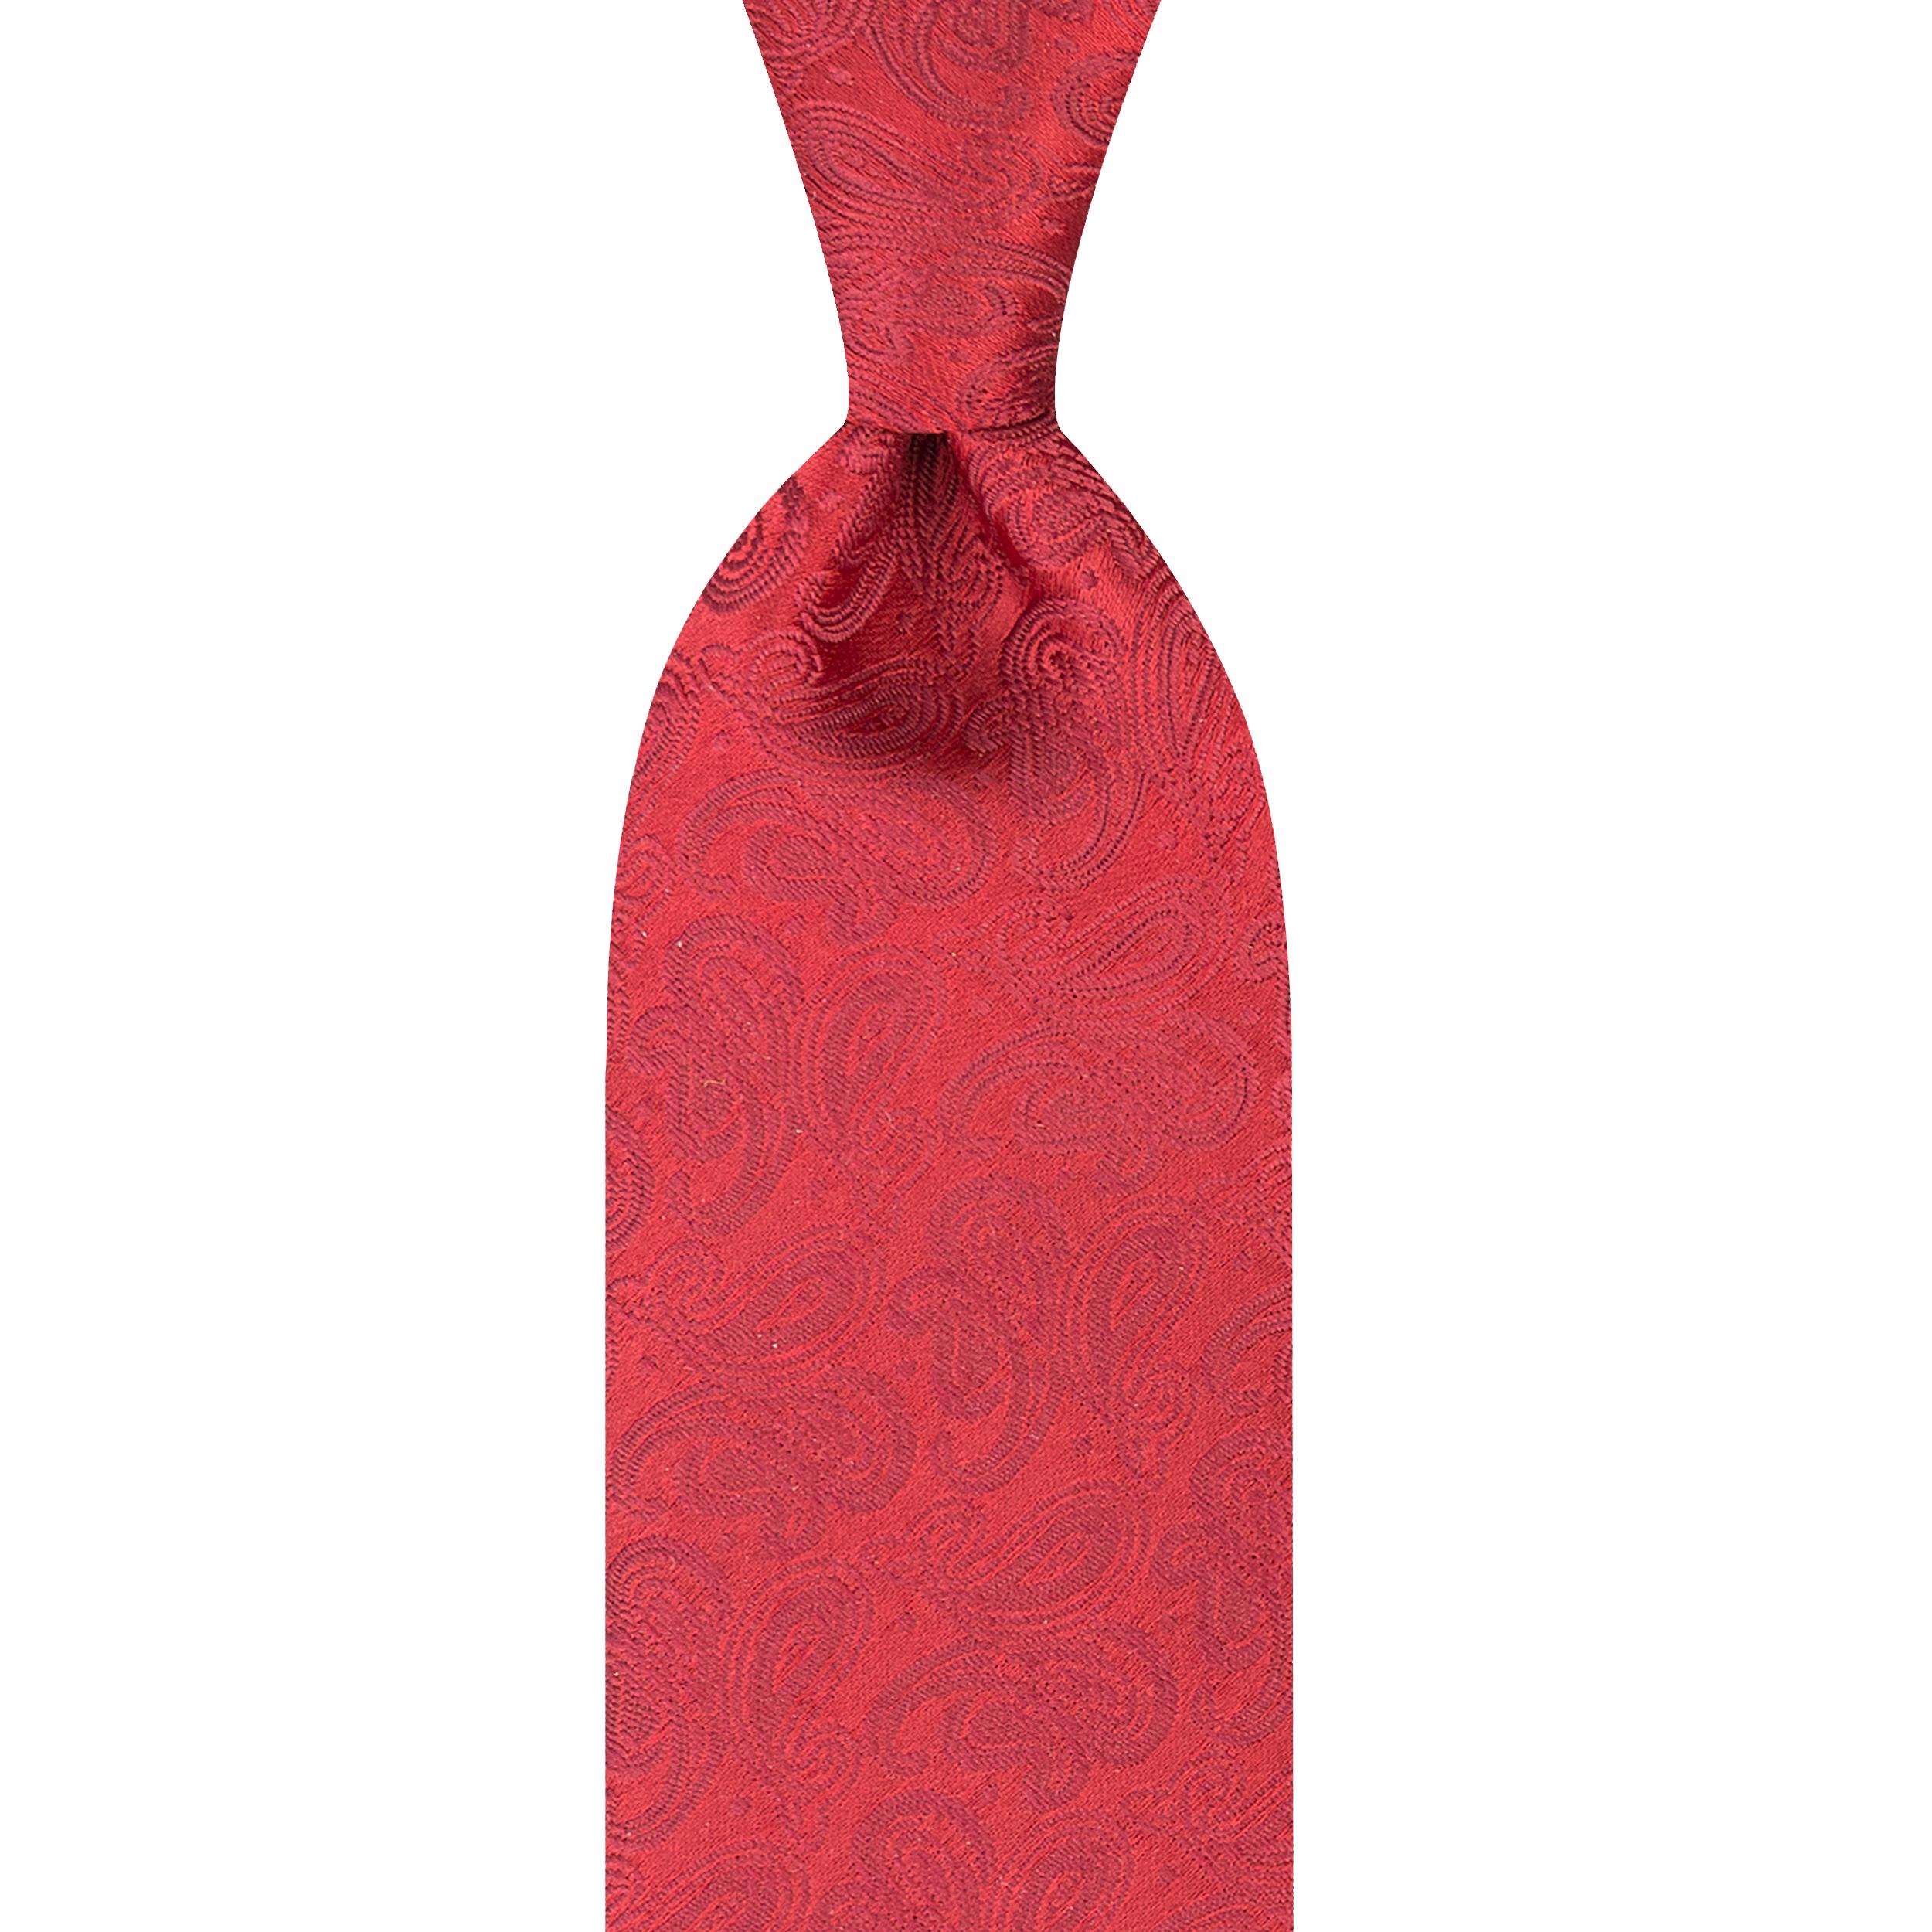 ست کراوات و دستمال جیب و گل کت مردانه جیان فرانکو روسی مدل GF-PA225-BE -  - 2